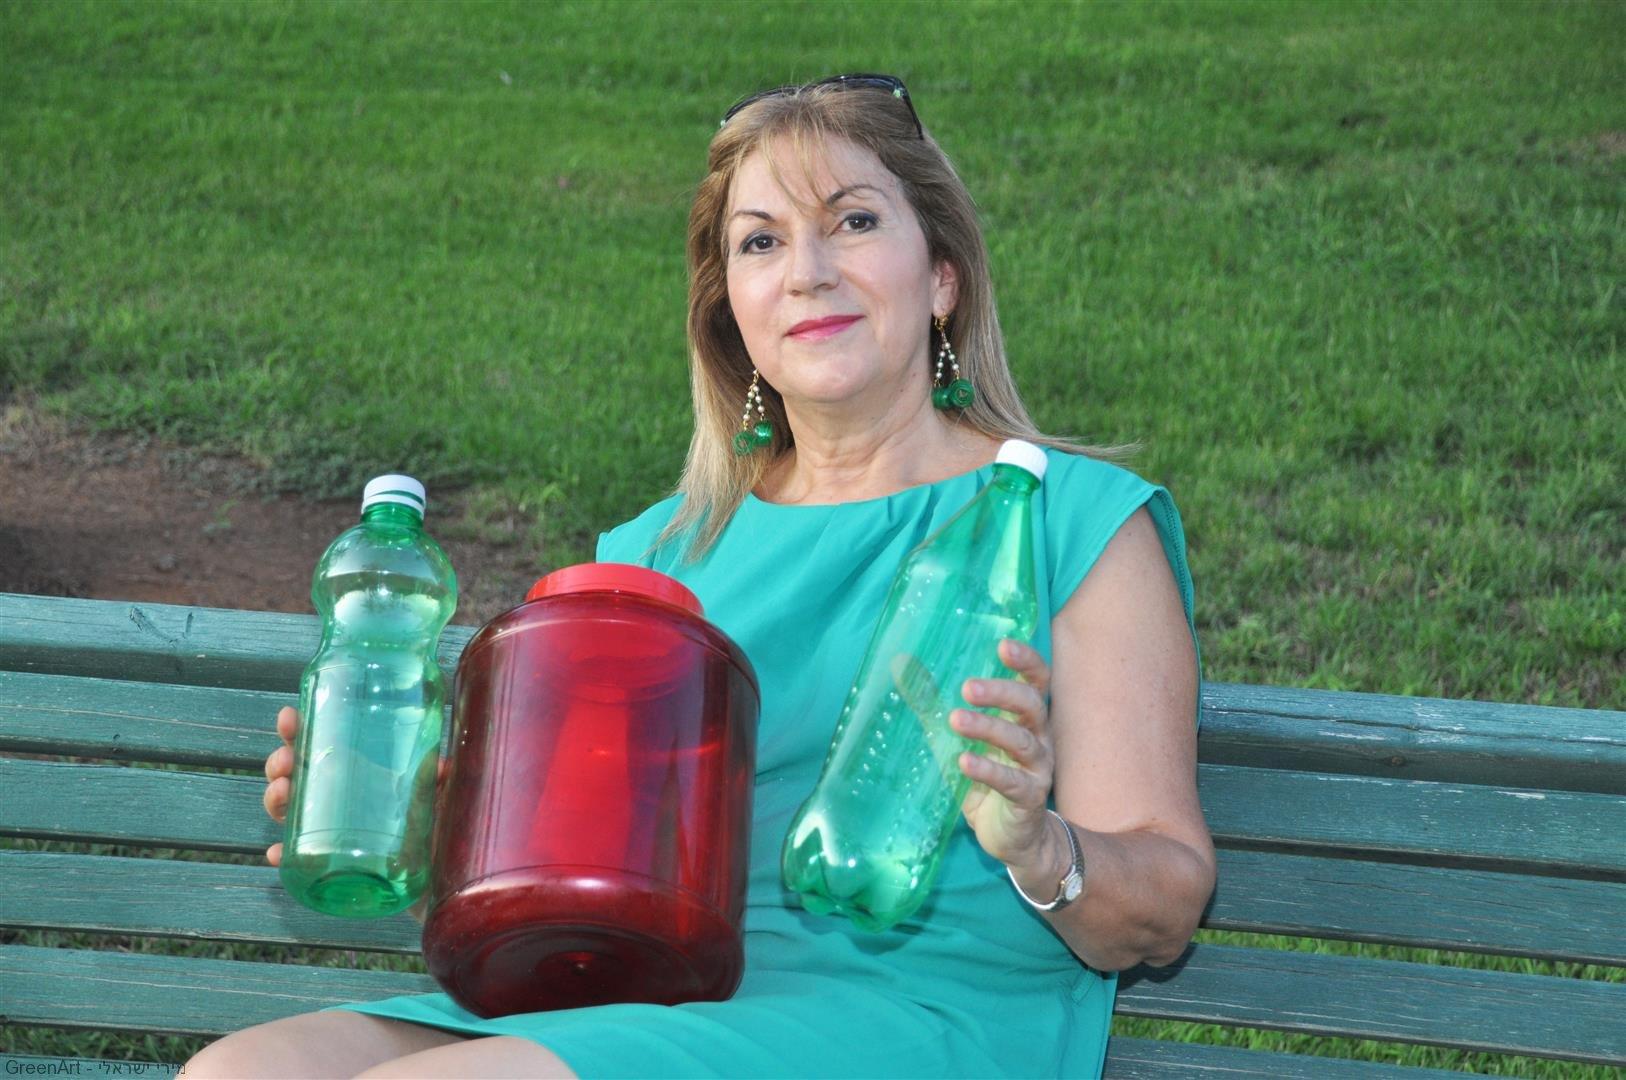 בקבוקי פלסטיק צבעוניים לפני הפיסול להכנת אמנות אקולוגית